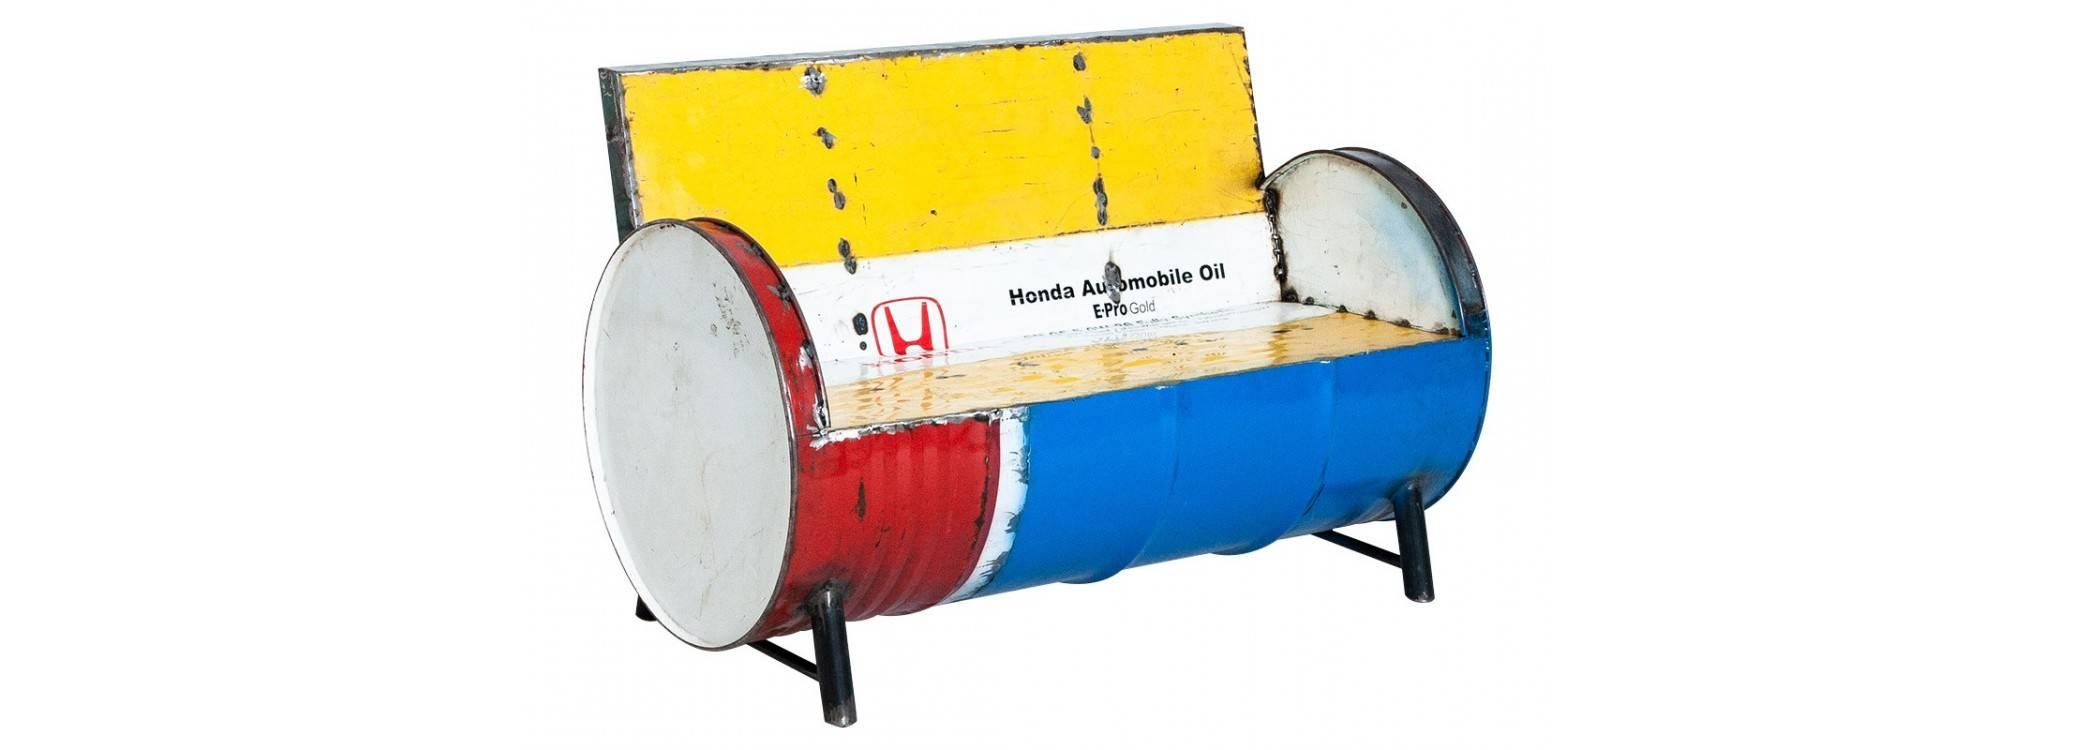 Canapé en bidon recyclé - L120 cm